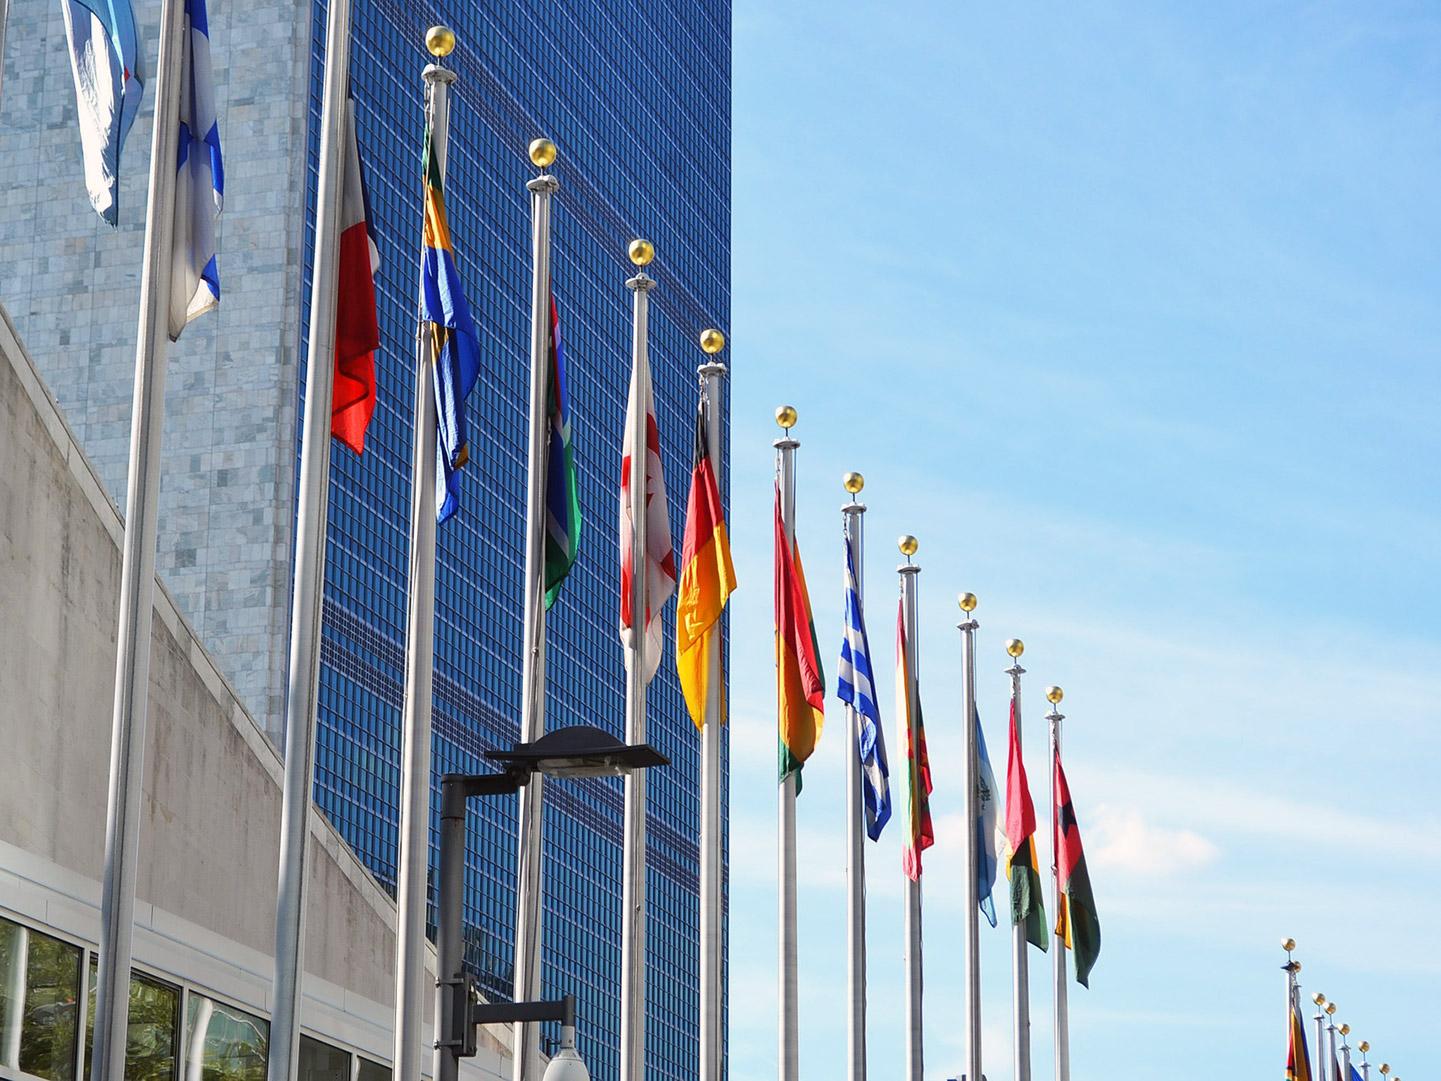 Flaggen verschiedener Nationen vor einem hohen Gebäude